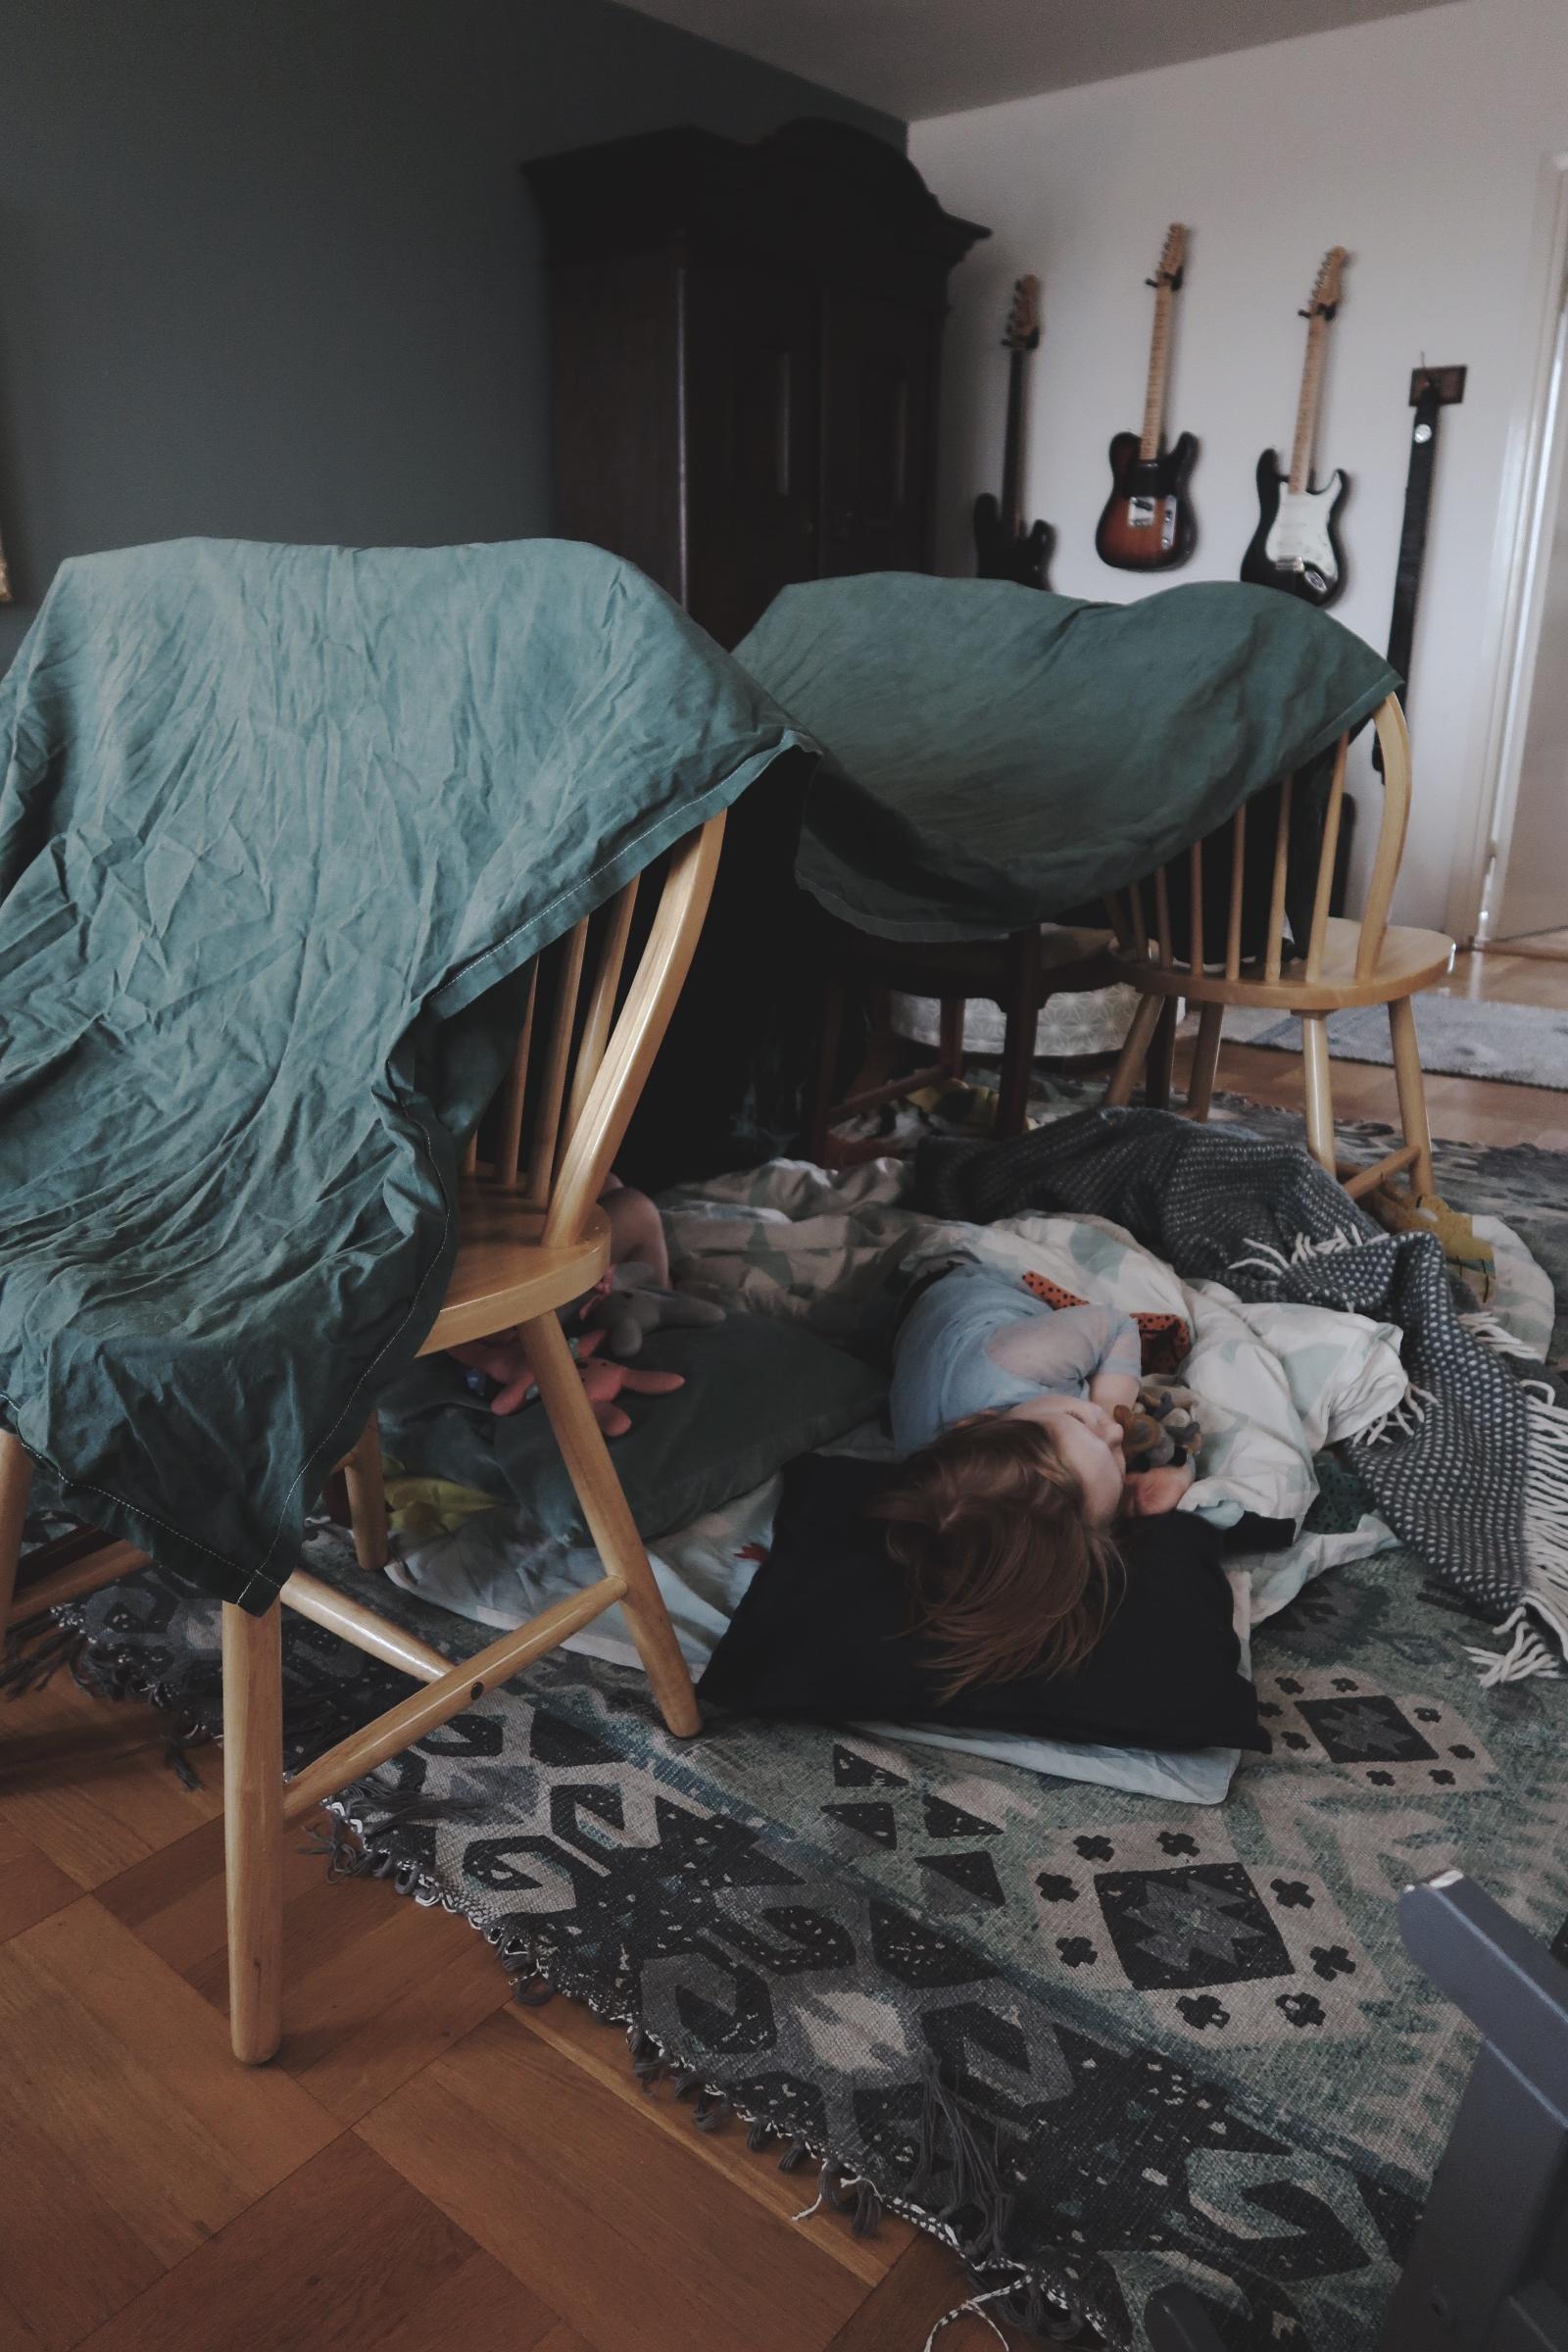 Bygg din egen koja med barnen framför TVn